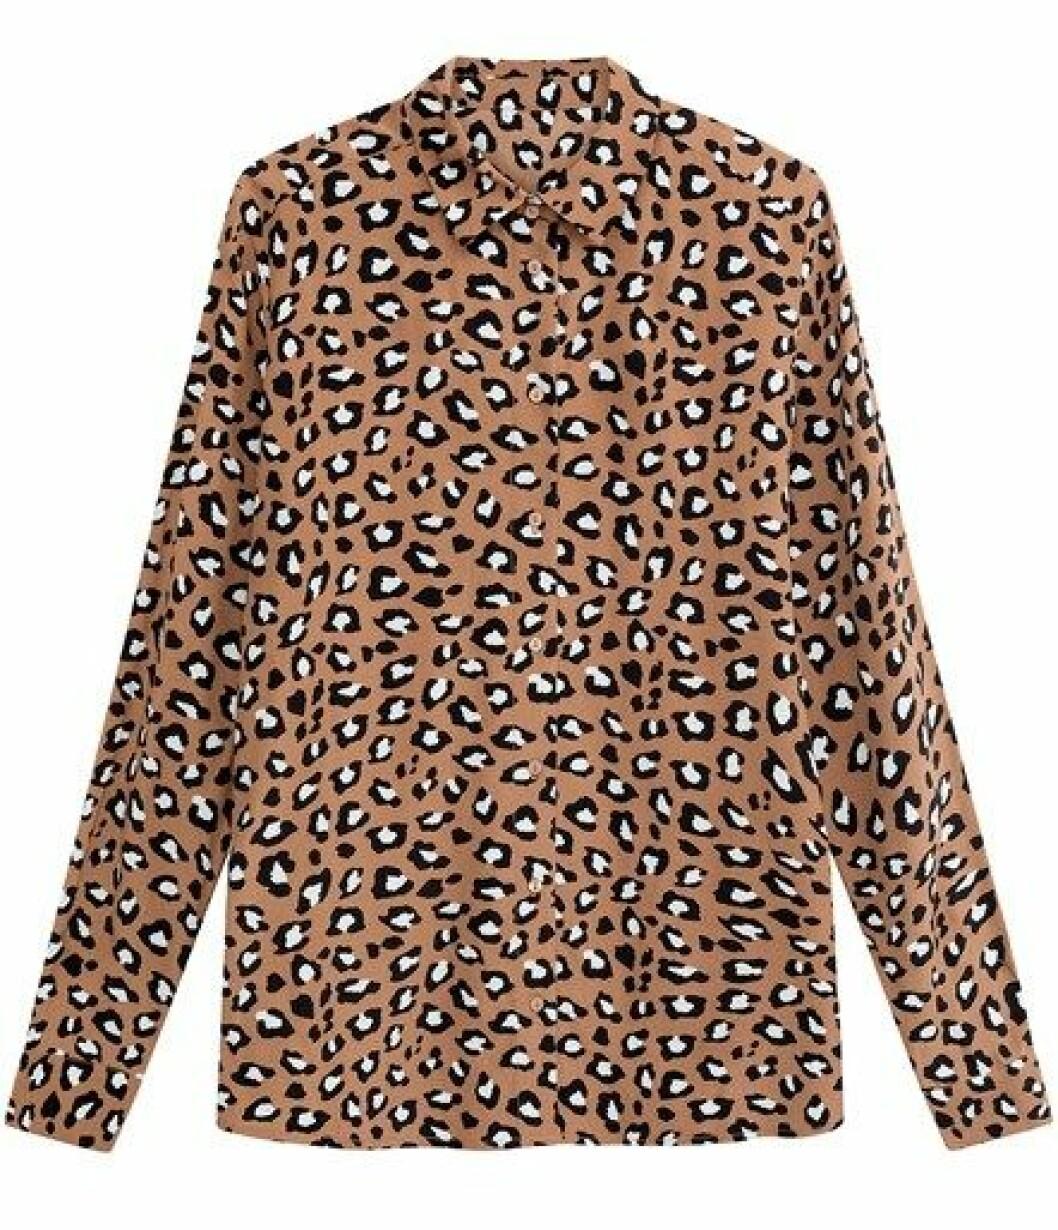 Skjorte fra Kappahl  300,-  https://www.kappahl.com/nn-NO/dame/bluser/monstret-viskosebluse/465153/